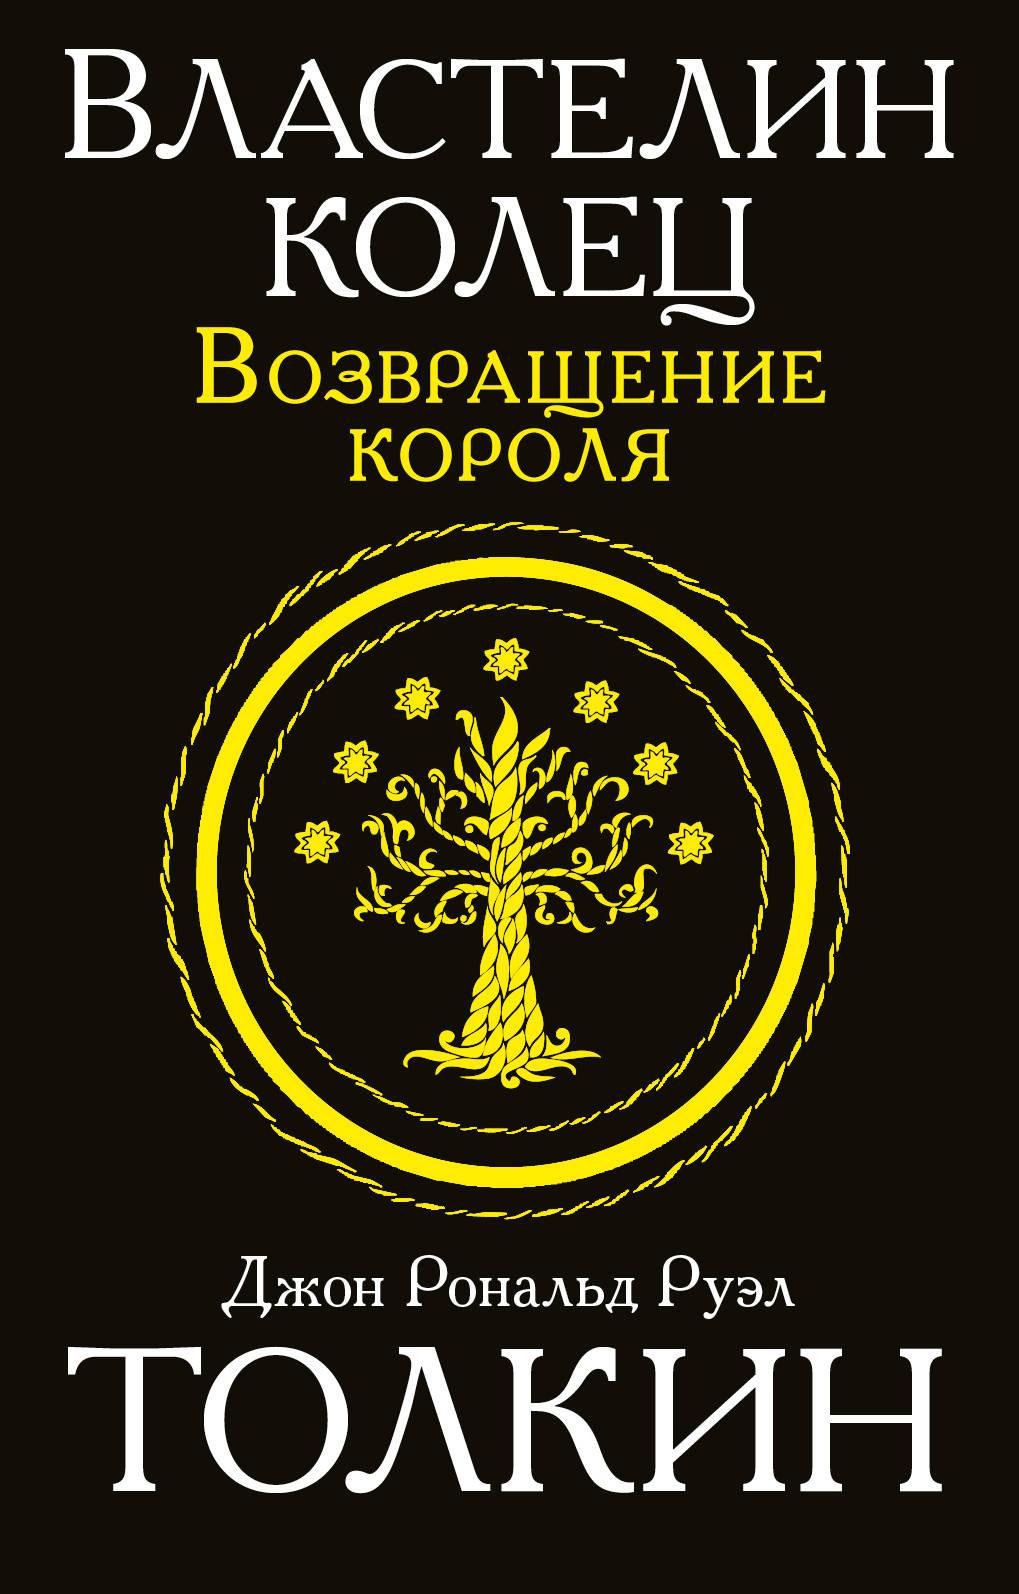 Толкин Д.Р.Р. Властелин колец. Возвращение короля властелин колец трилогия 3dvd